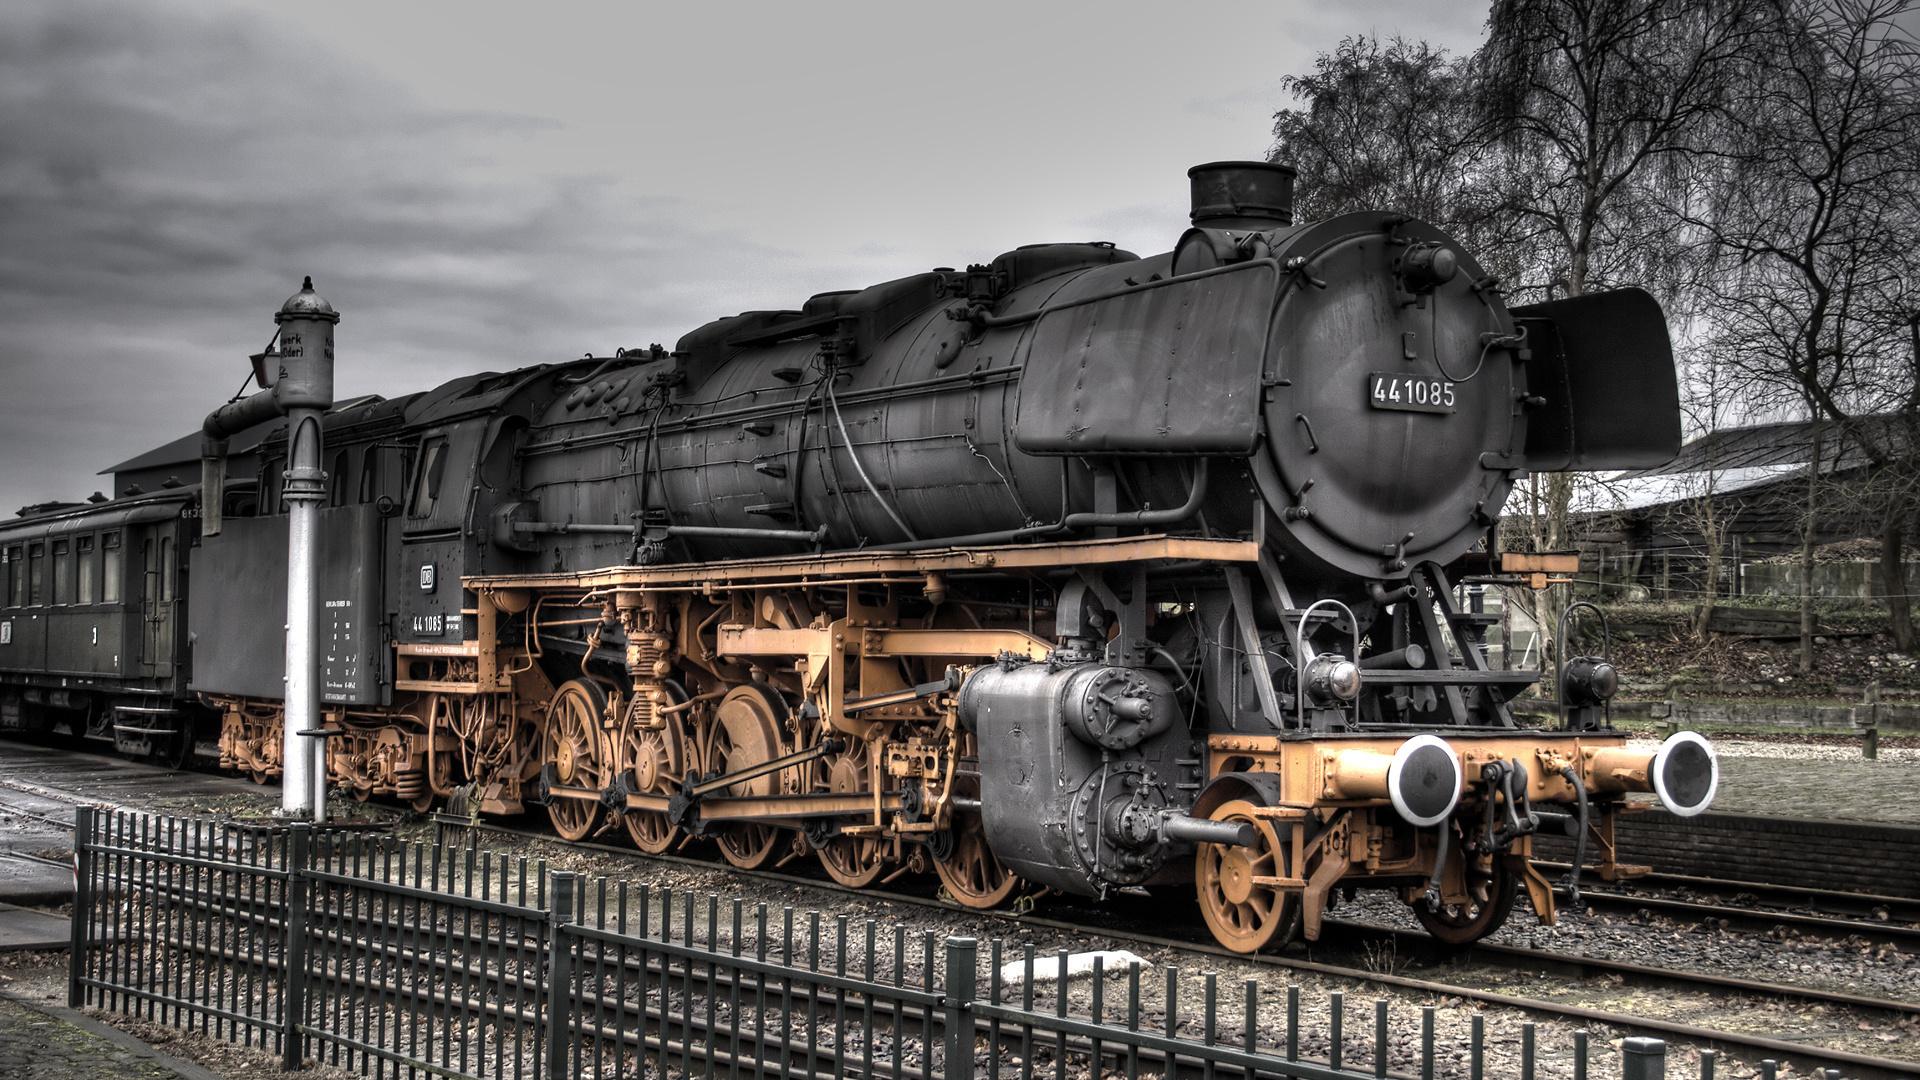 военный поезд картинка